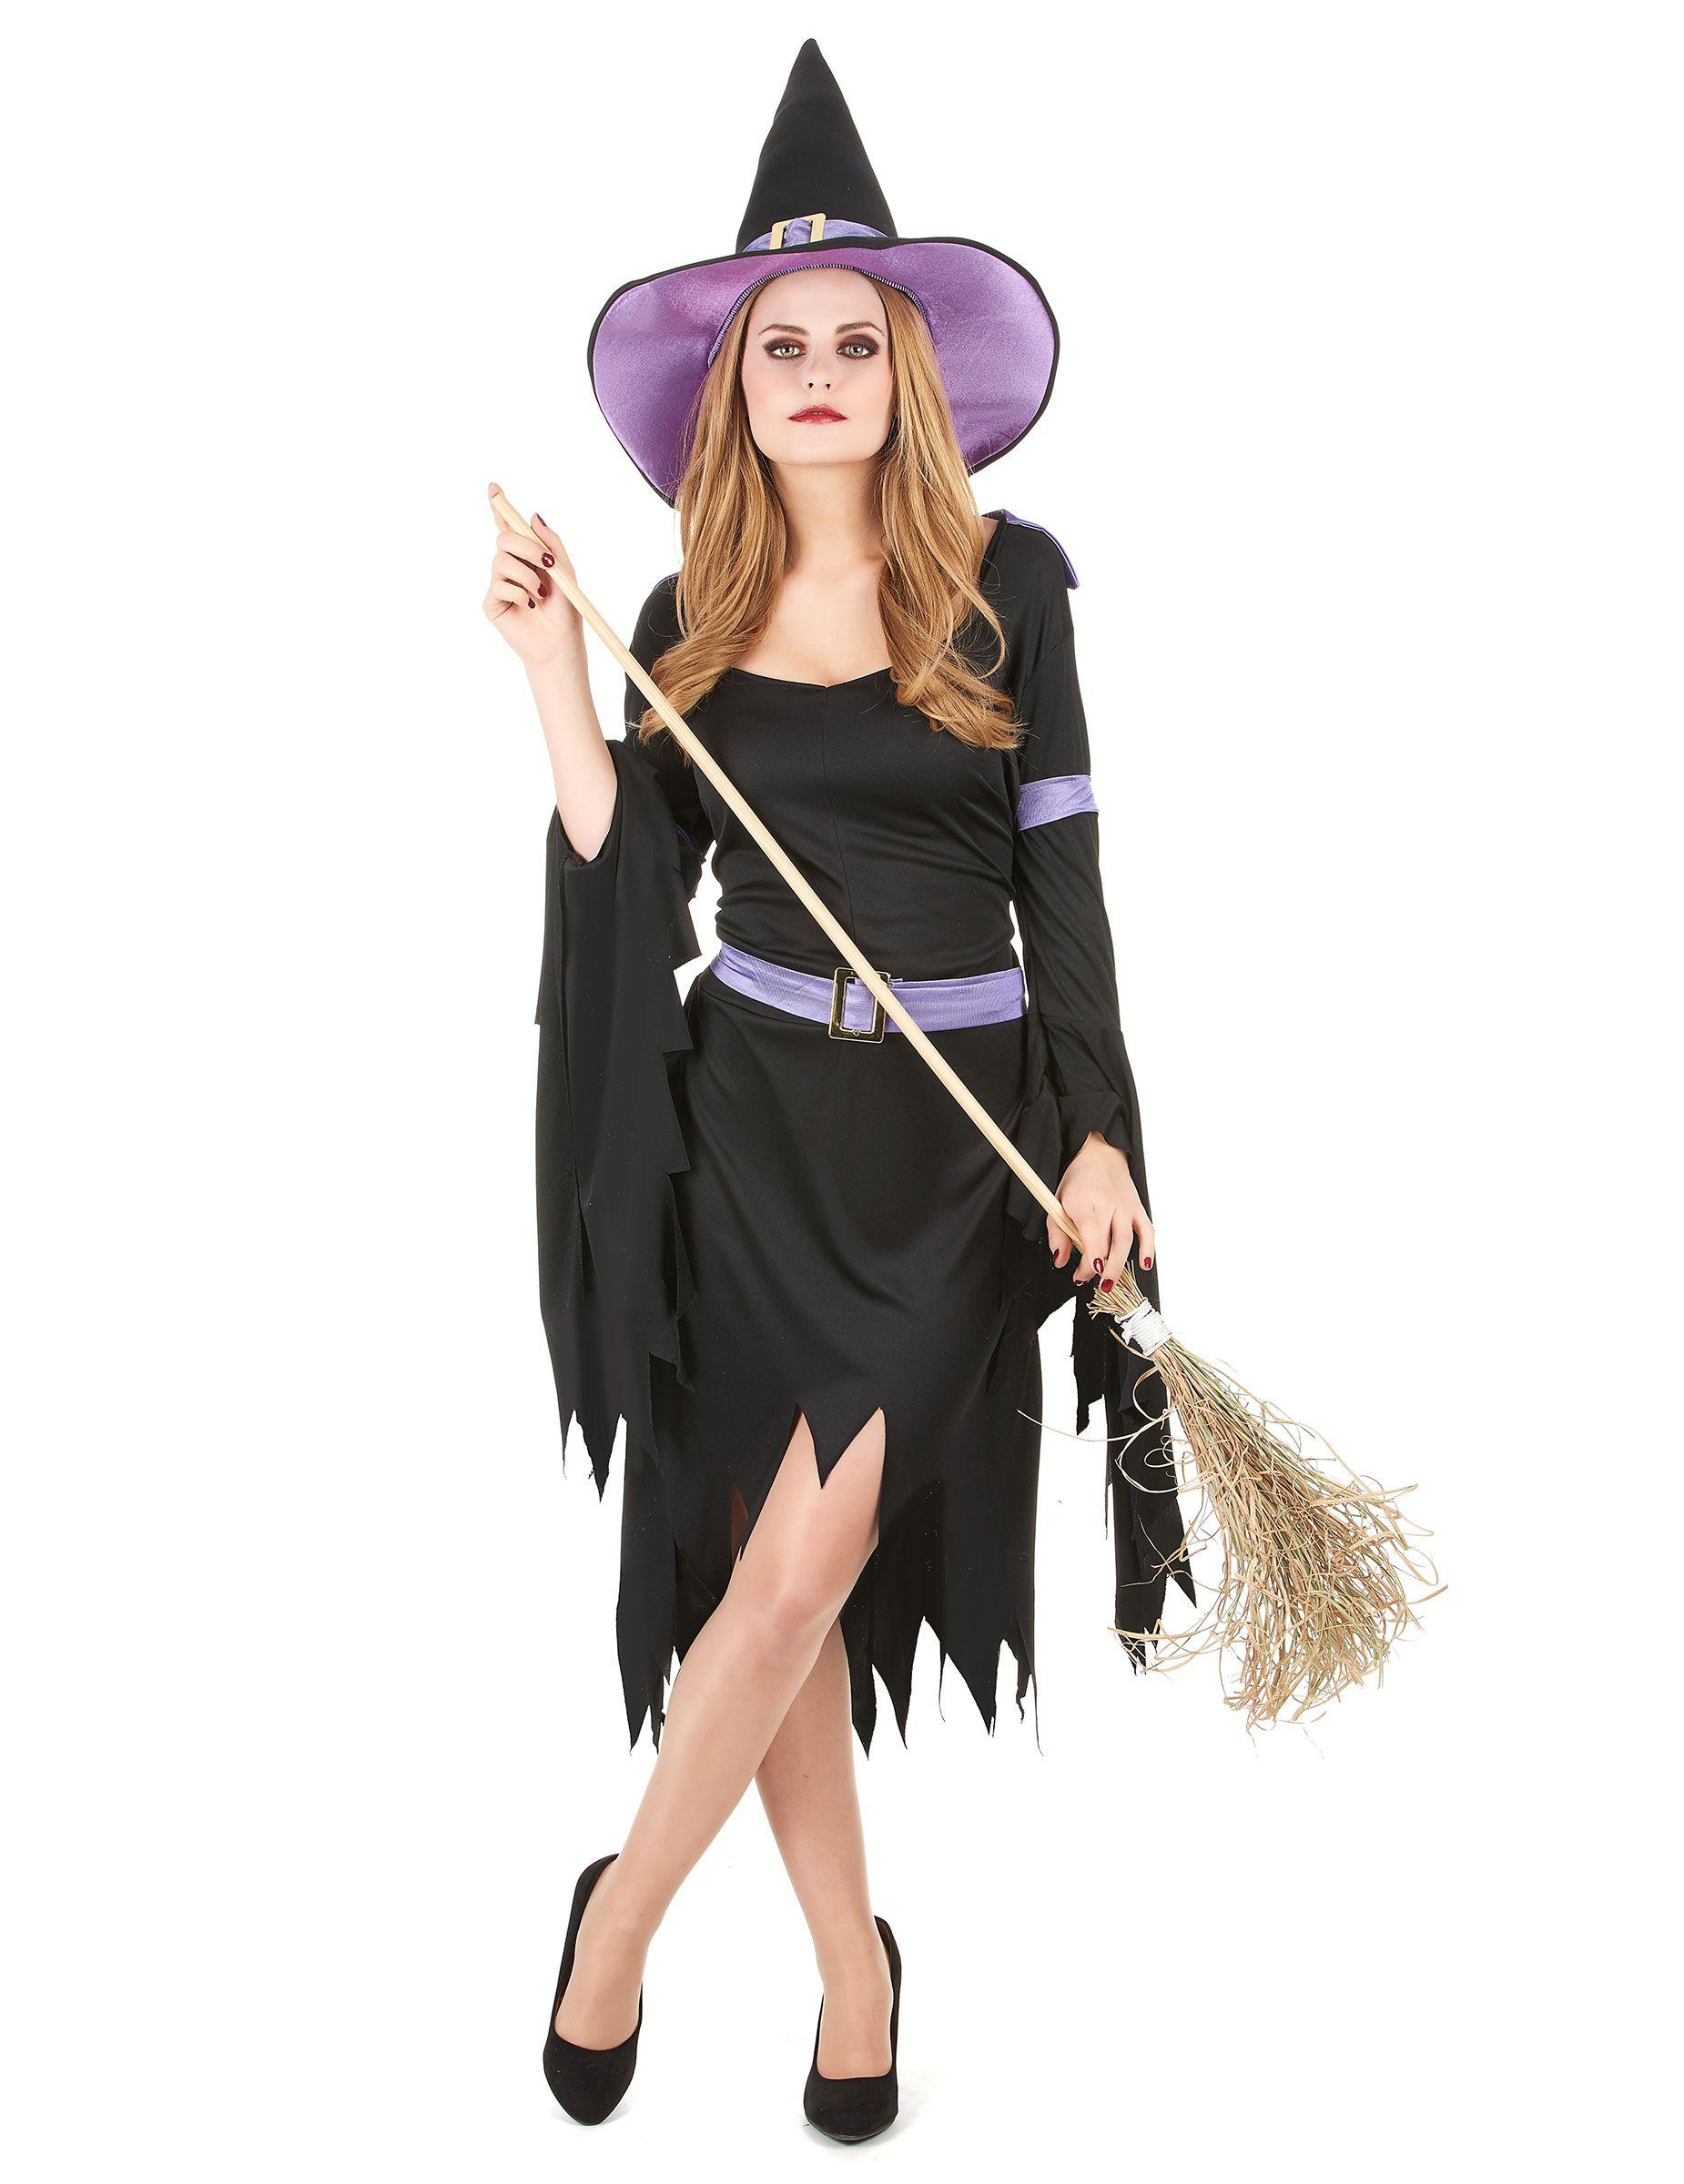 Vestiti Halloween Strega.Costume Da Strega Nera E Lilla Per Donna Bacheca Noemi Nel 2019